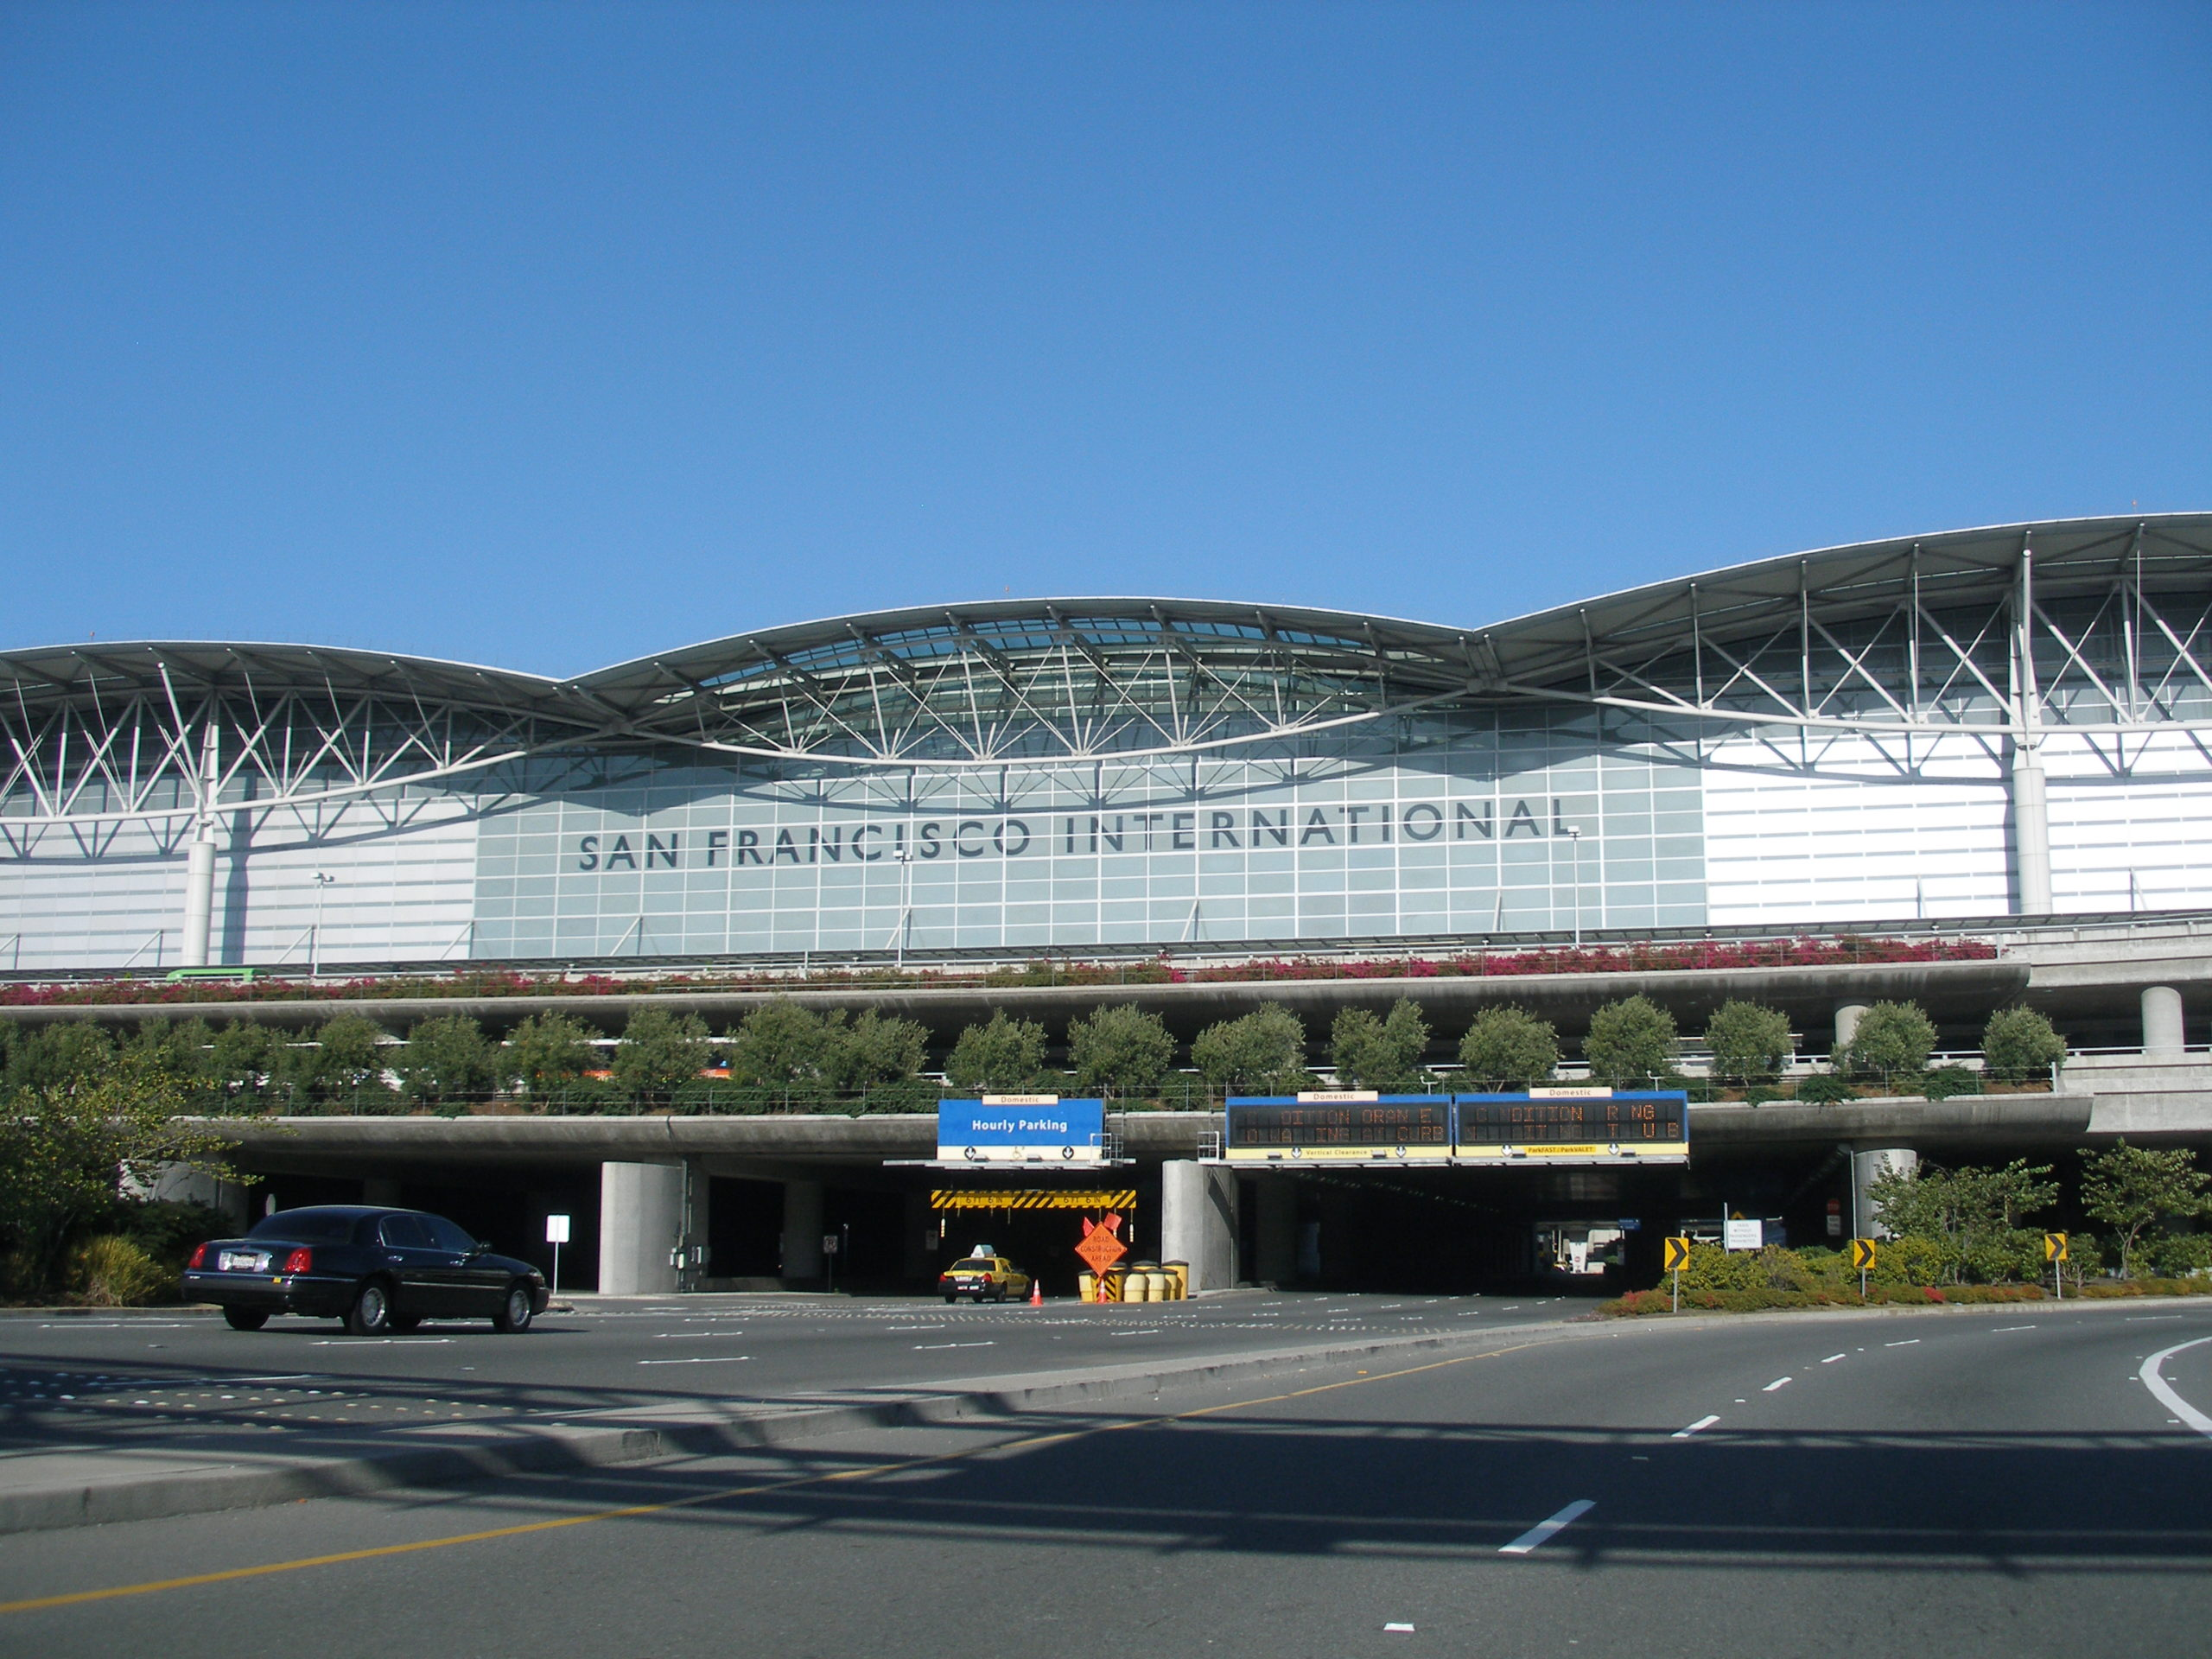 サンフランシスコ国際空港(SFO)の出発、到着について